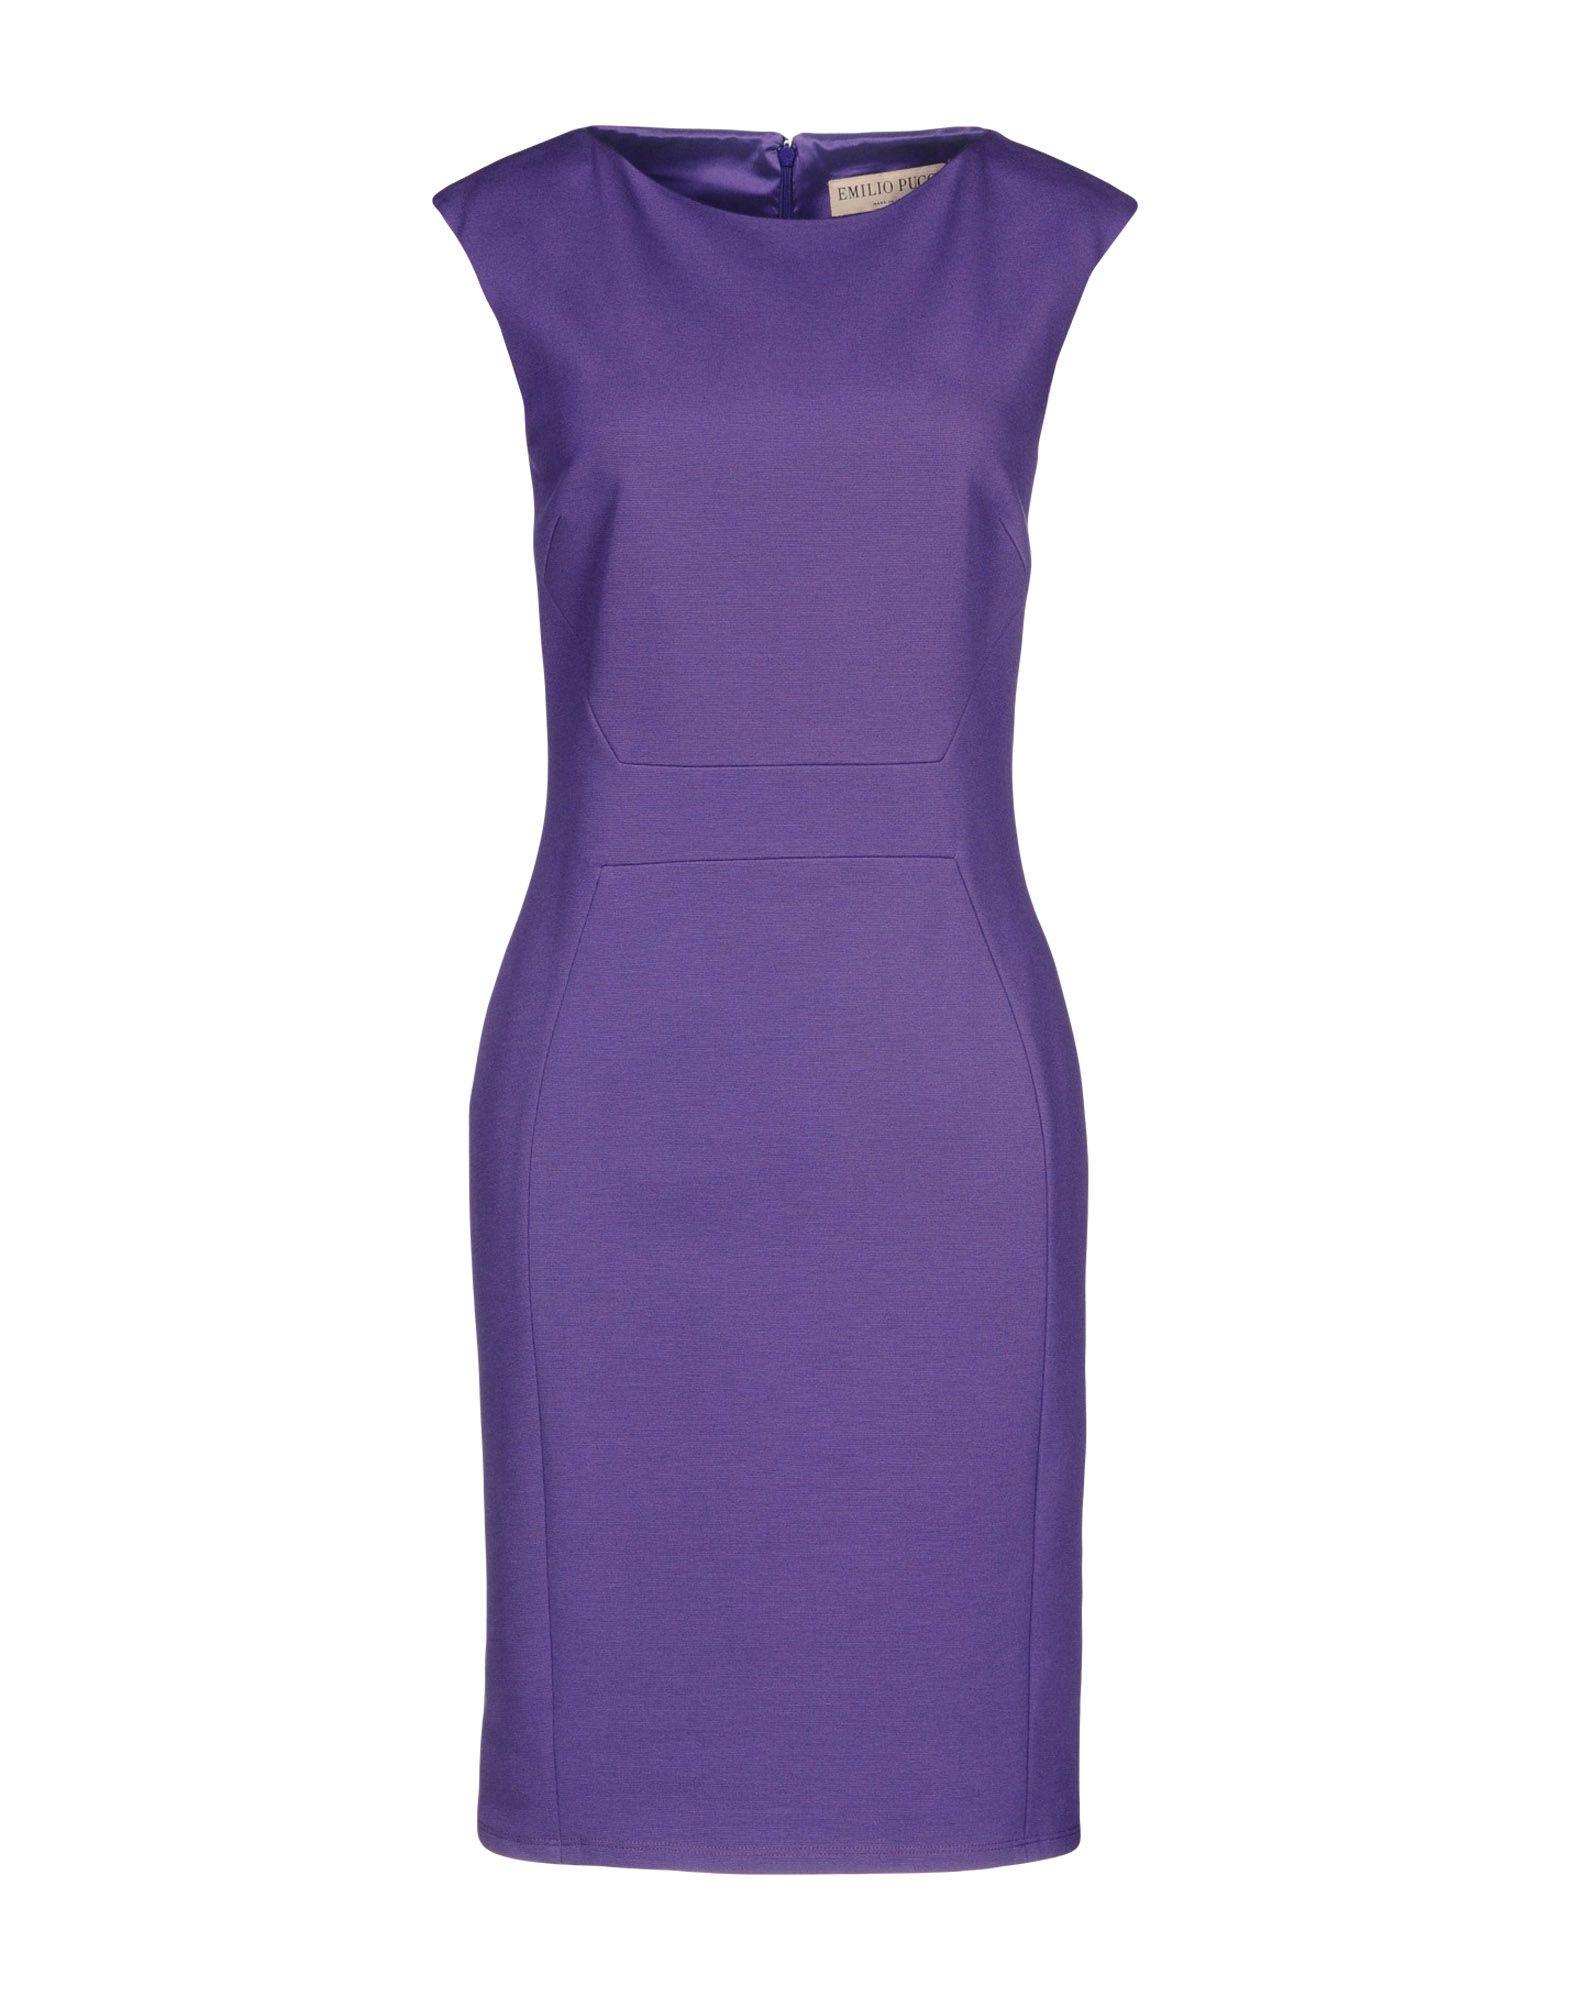 цены на EMILIO PUCCI Короткое платье в интернет-магазинах